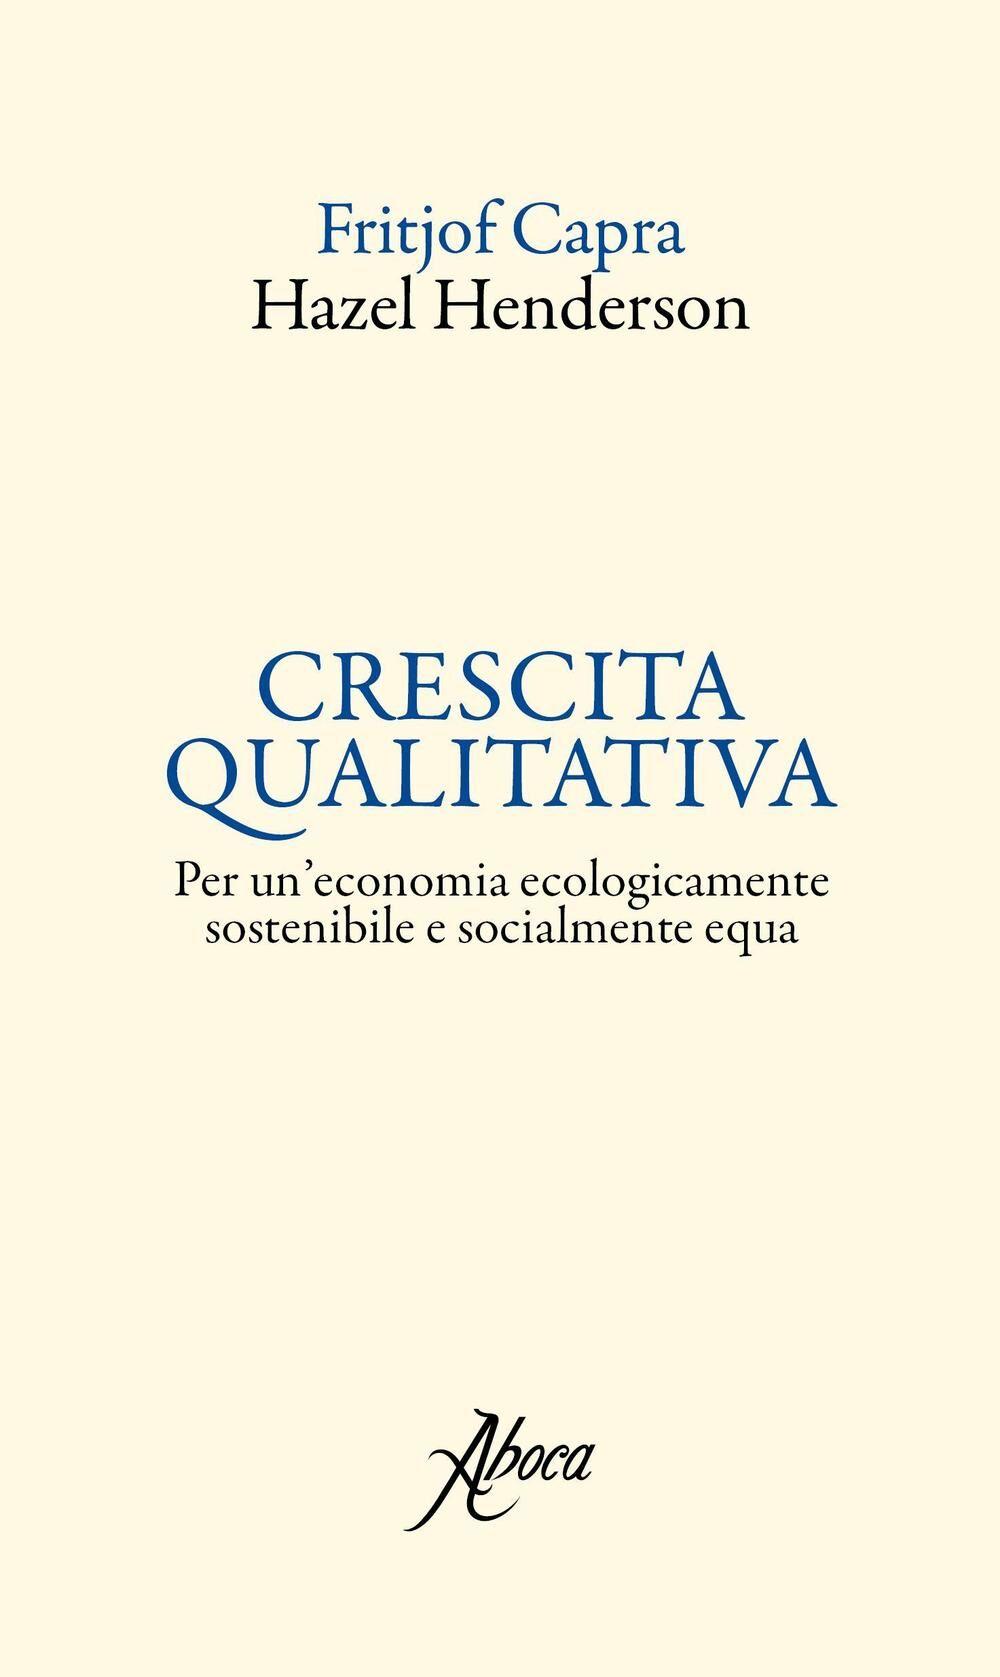 Crescita qualitativa. Per un'economia ecologicamente sostenibile e socialmente equa